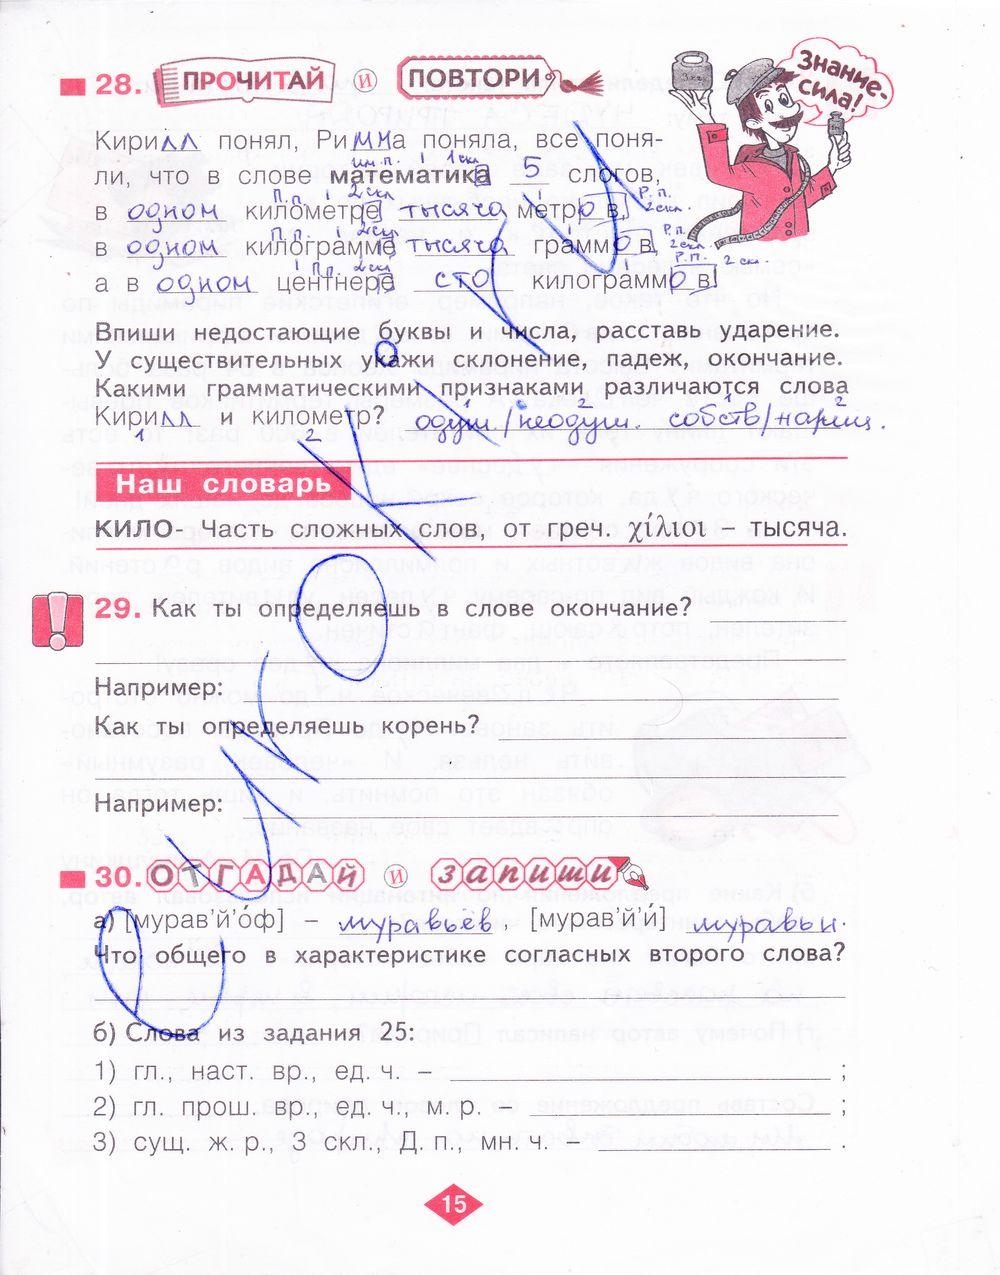 Готовые домашние задания по белорусским учебникам 2018г